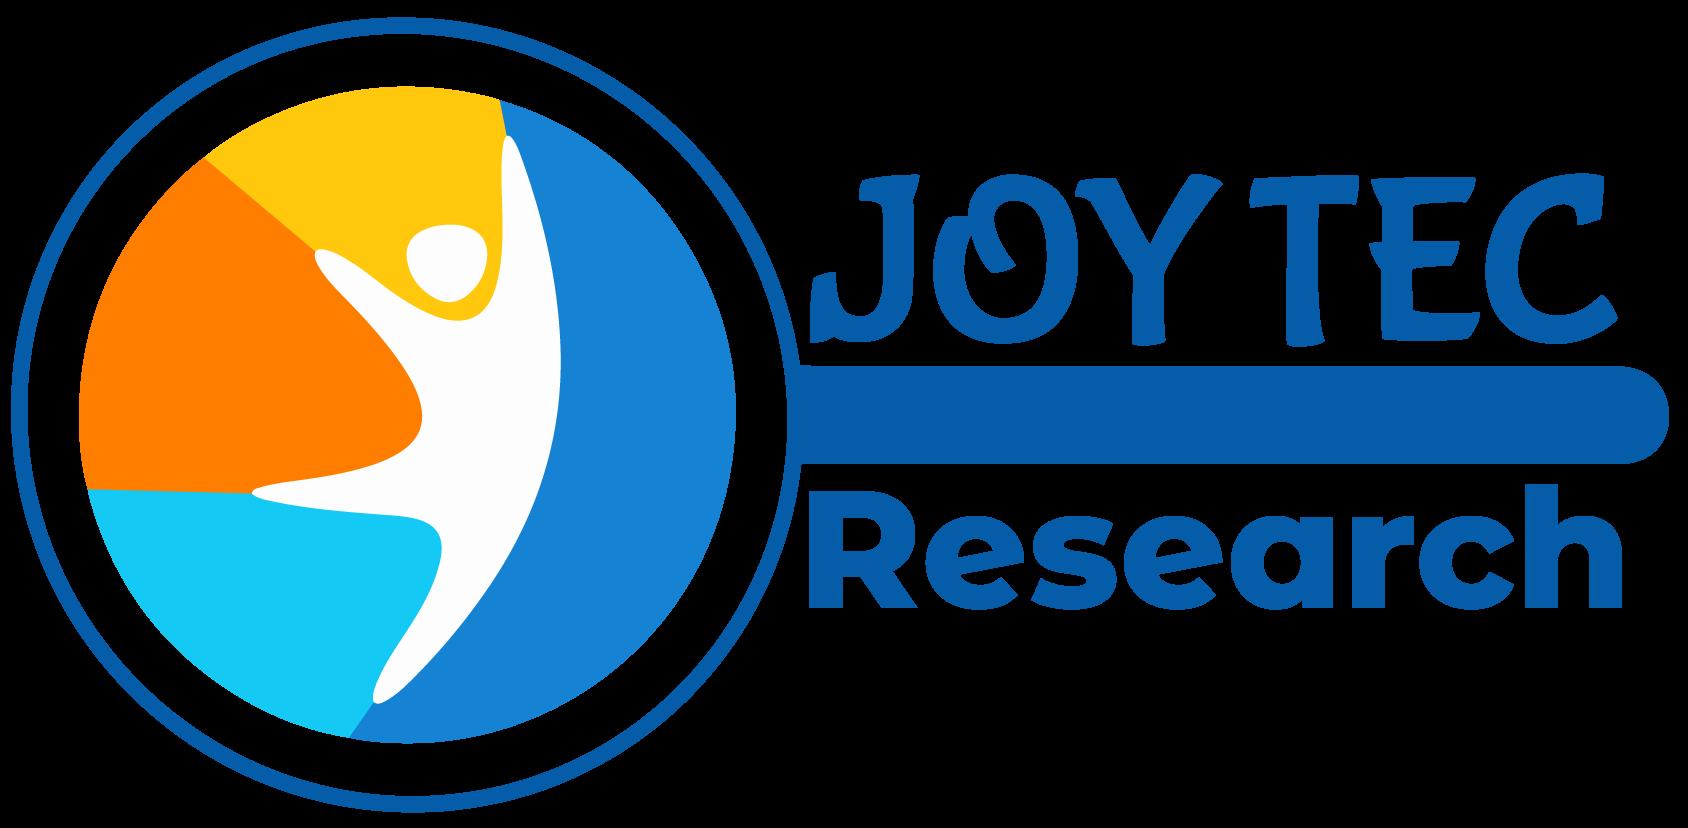 joytec-logo-without-slogan